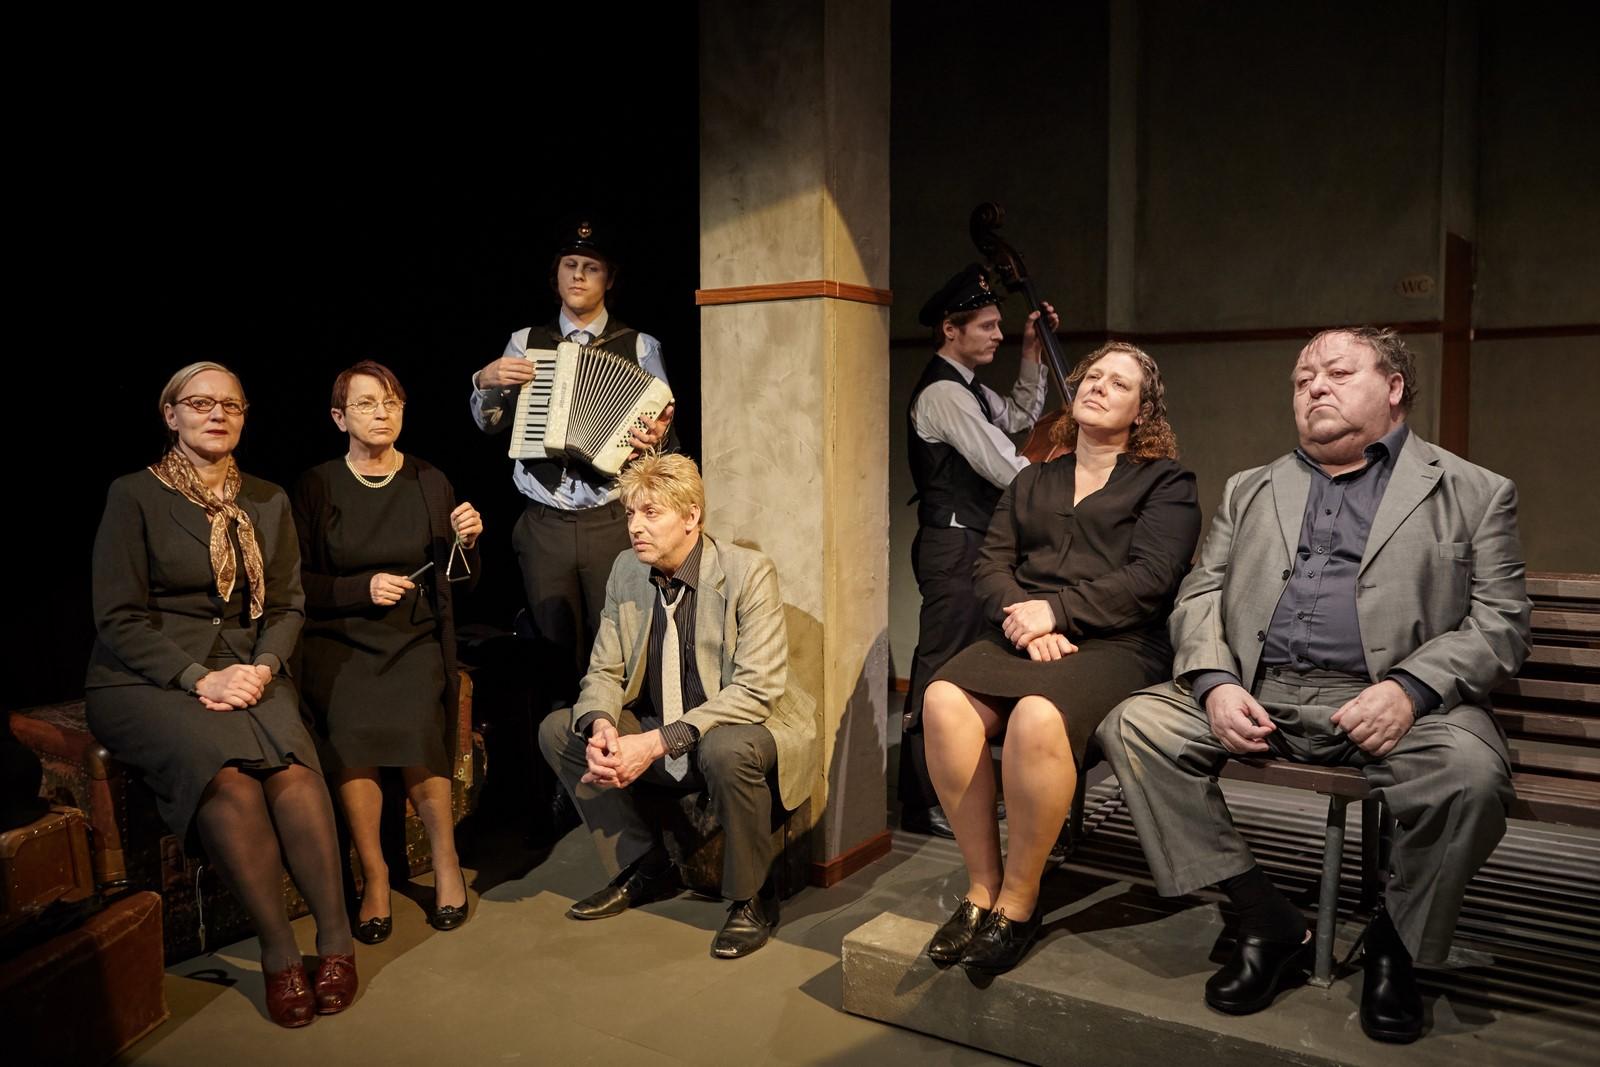 Anmeldelse: I fornuftens land, Vendsyssel Teater og Teatret Møllen